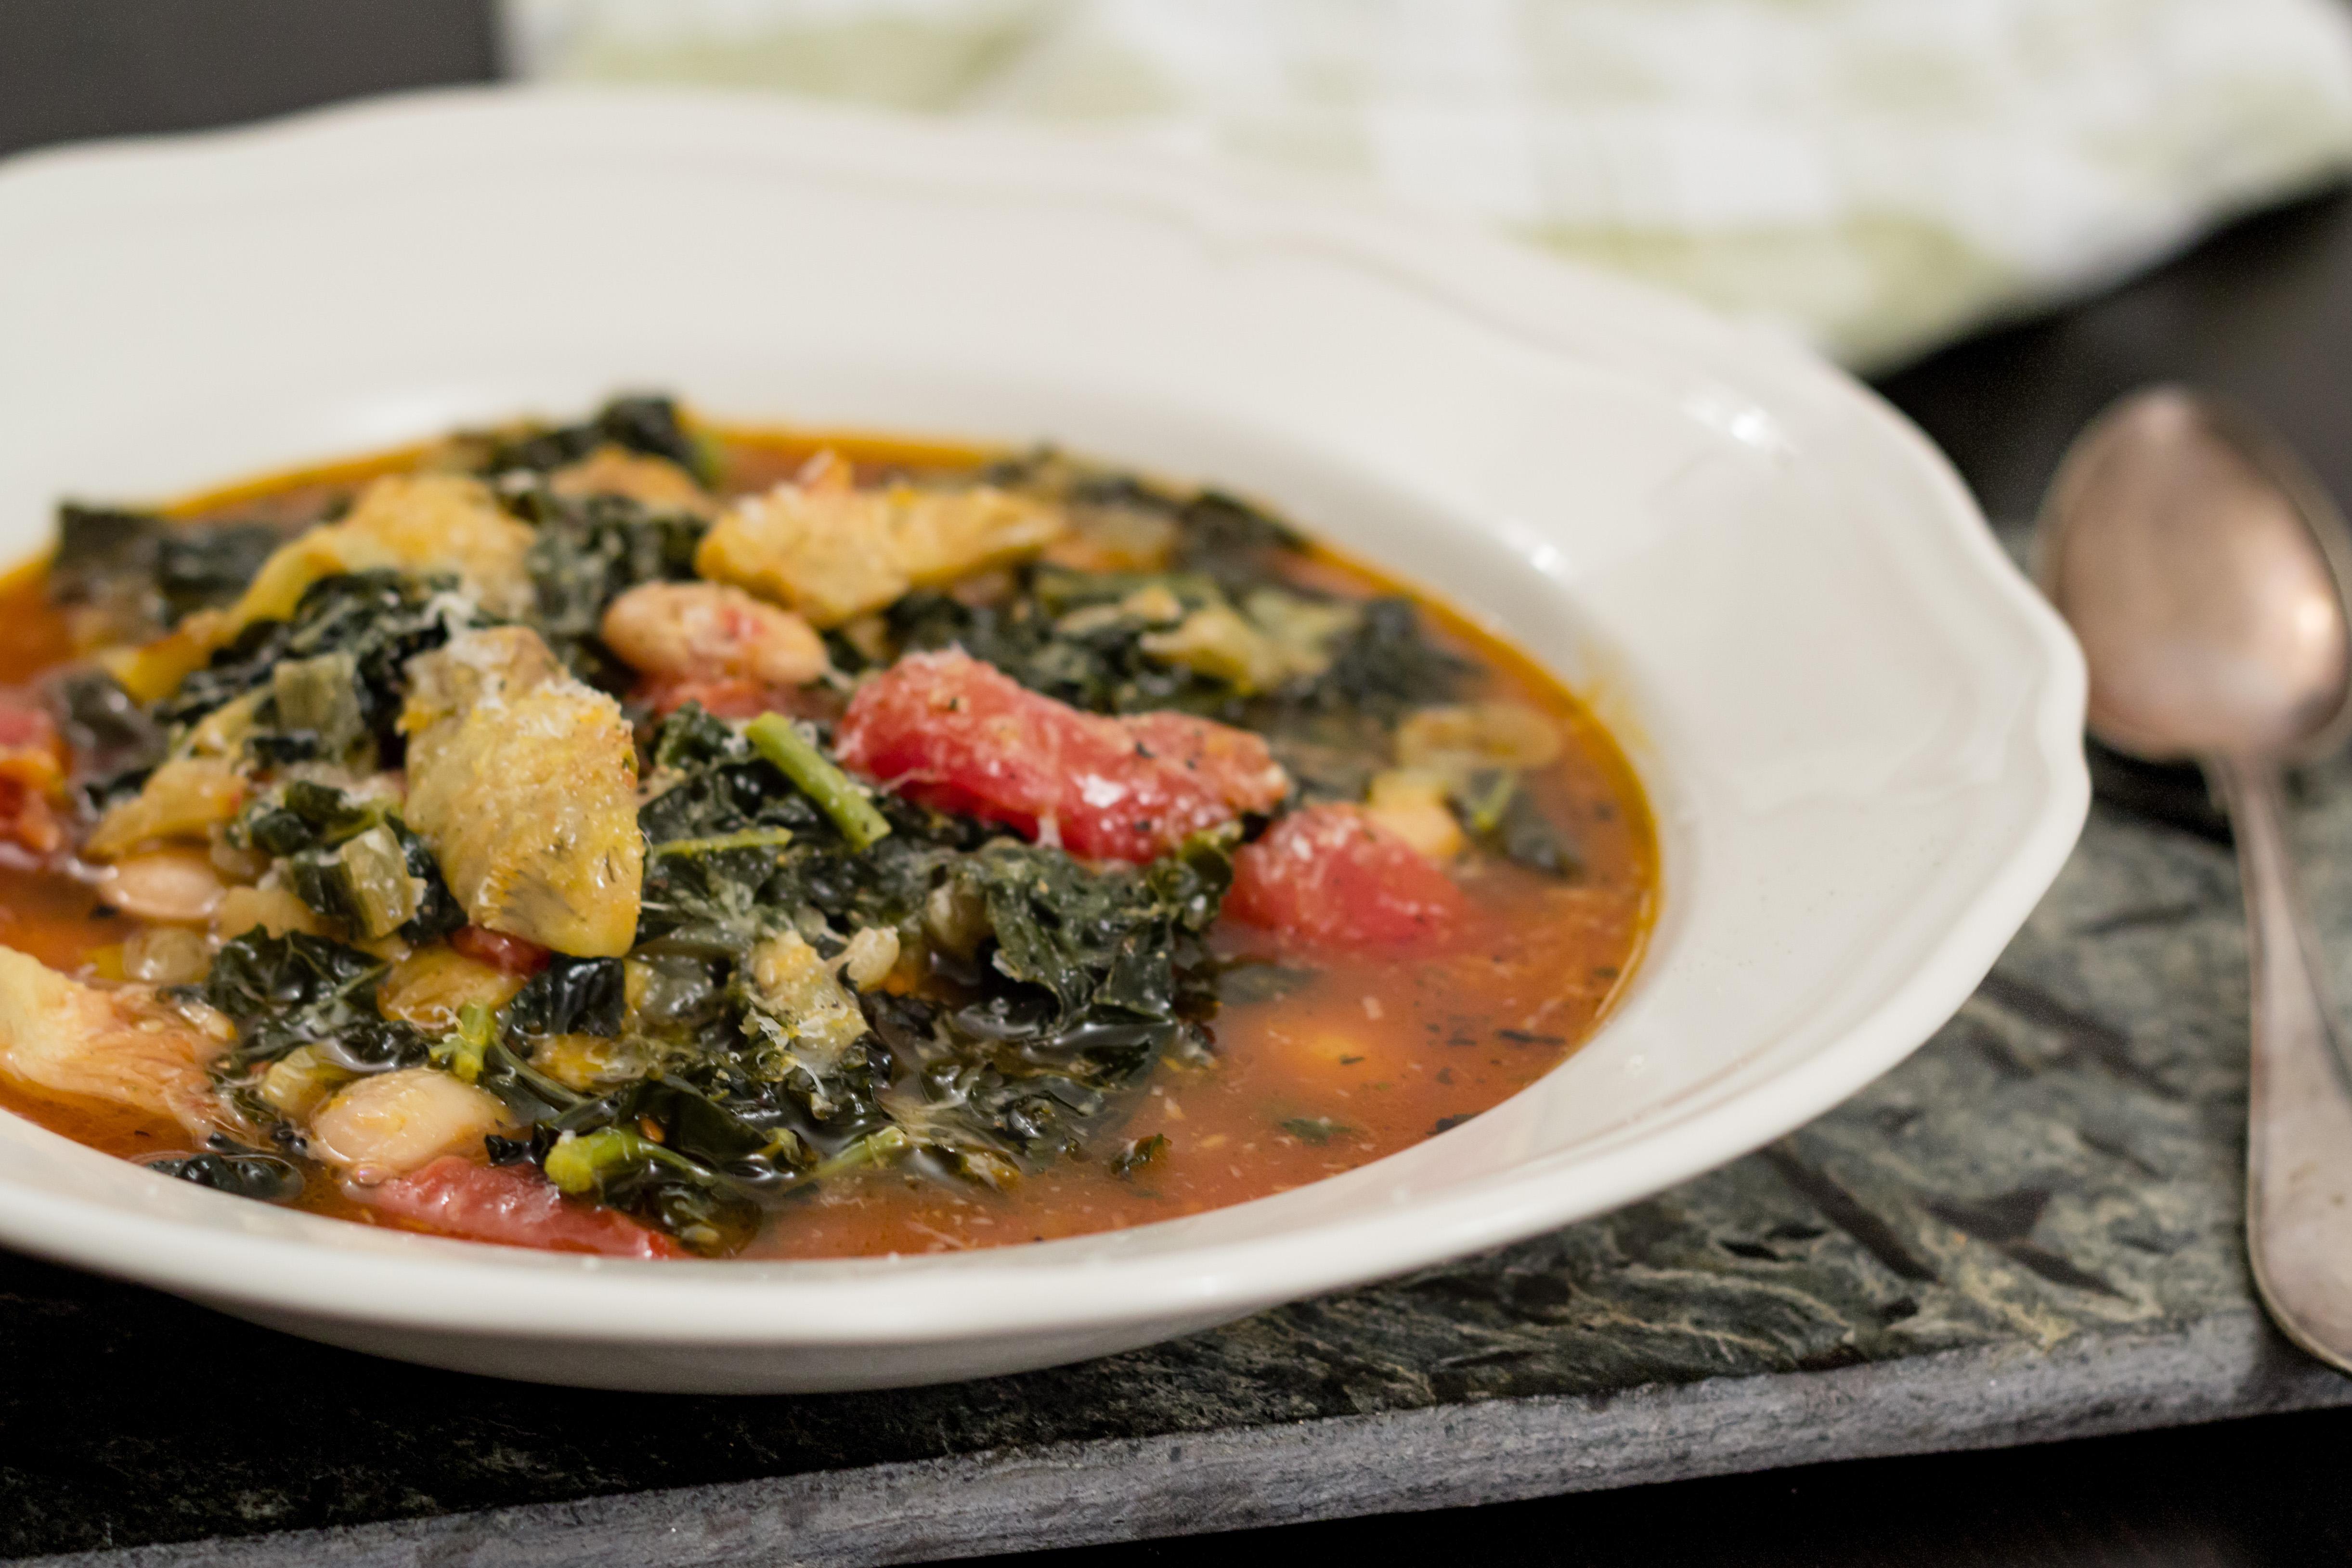 Mustig grönsakssoppa på tomat, svartkål, kronärtskockor och stora vita bönor